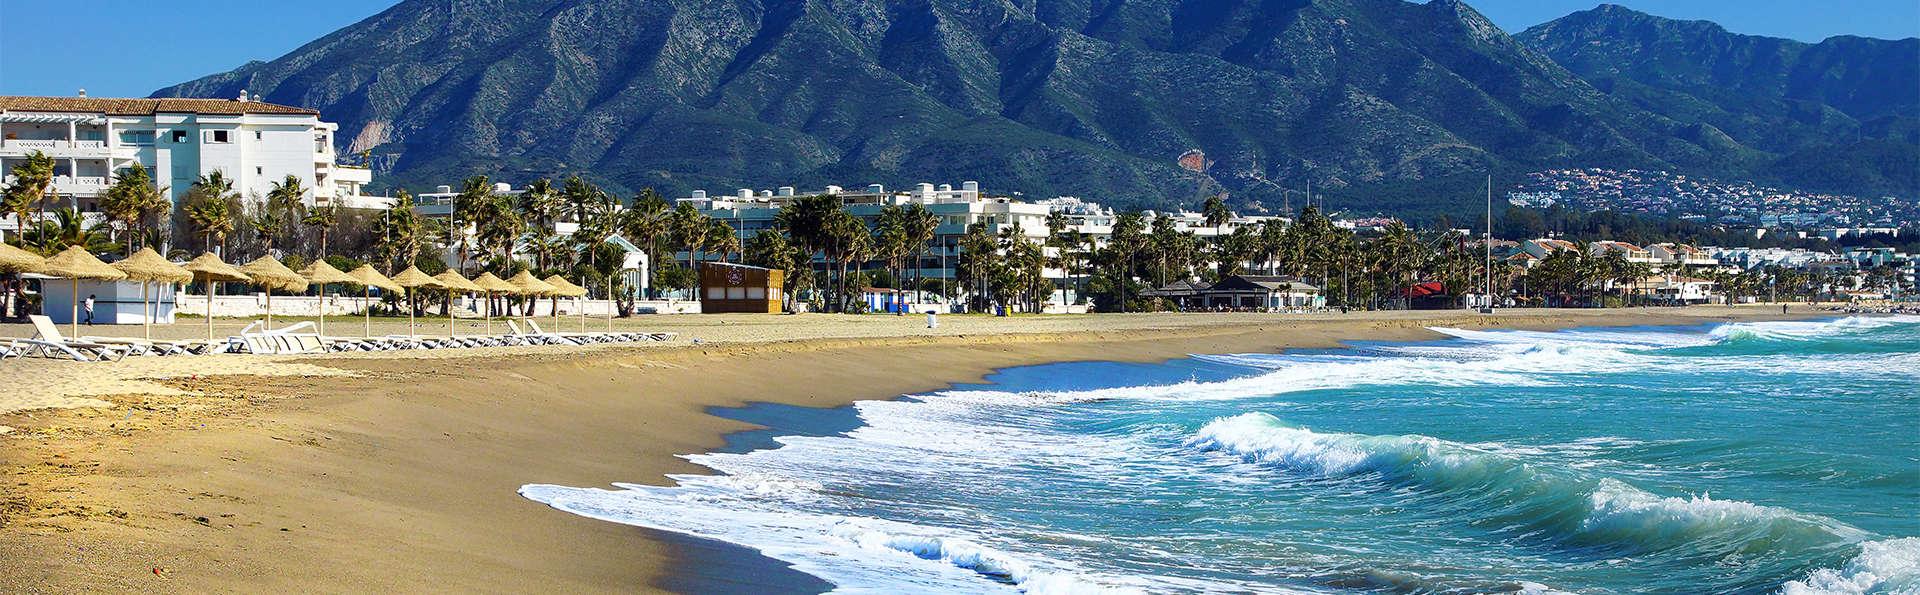 Escapade avec dîner et parcours thermal dans un hôtel de luxe à Marbella